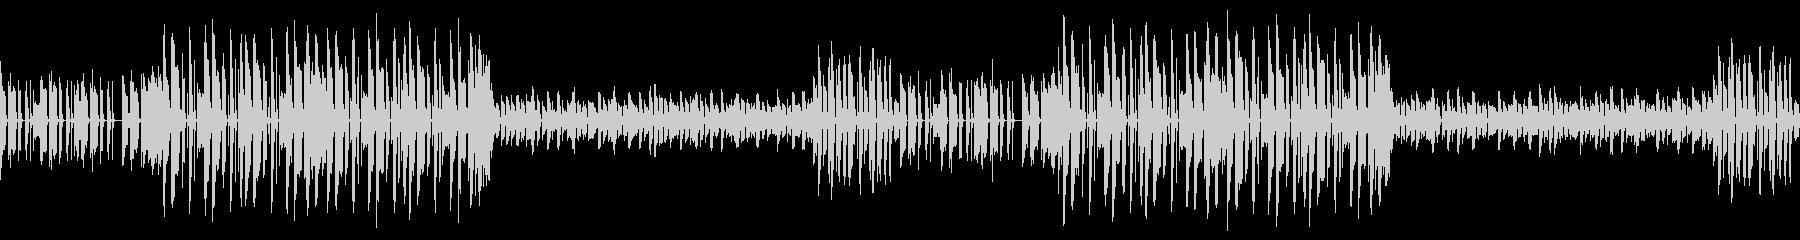 【メインメロ抜】ポップなEDMの未再生の波形